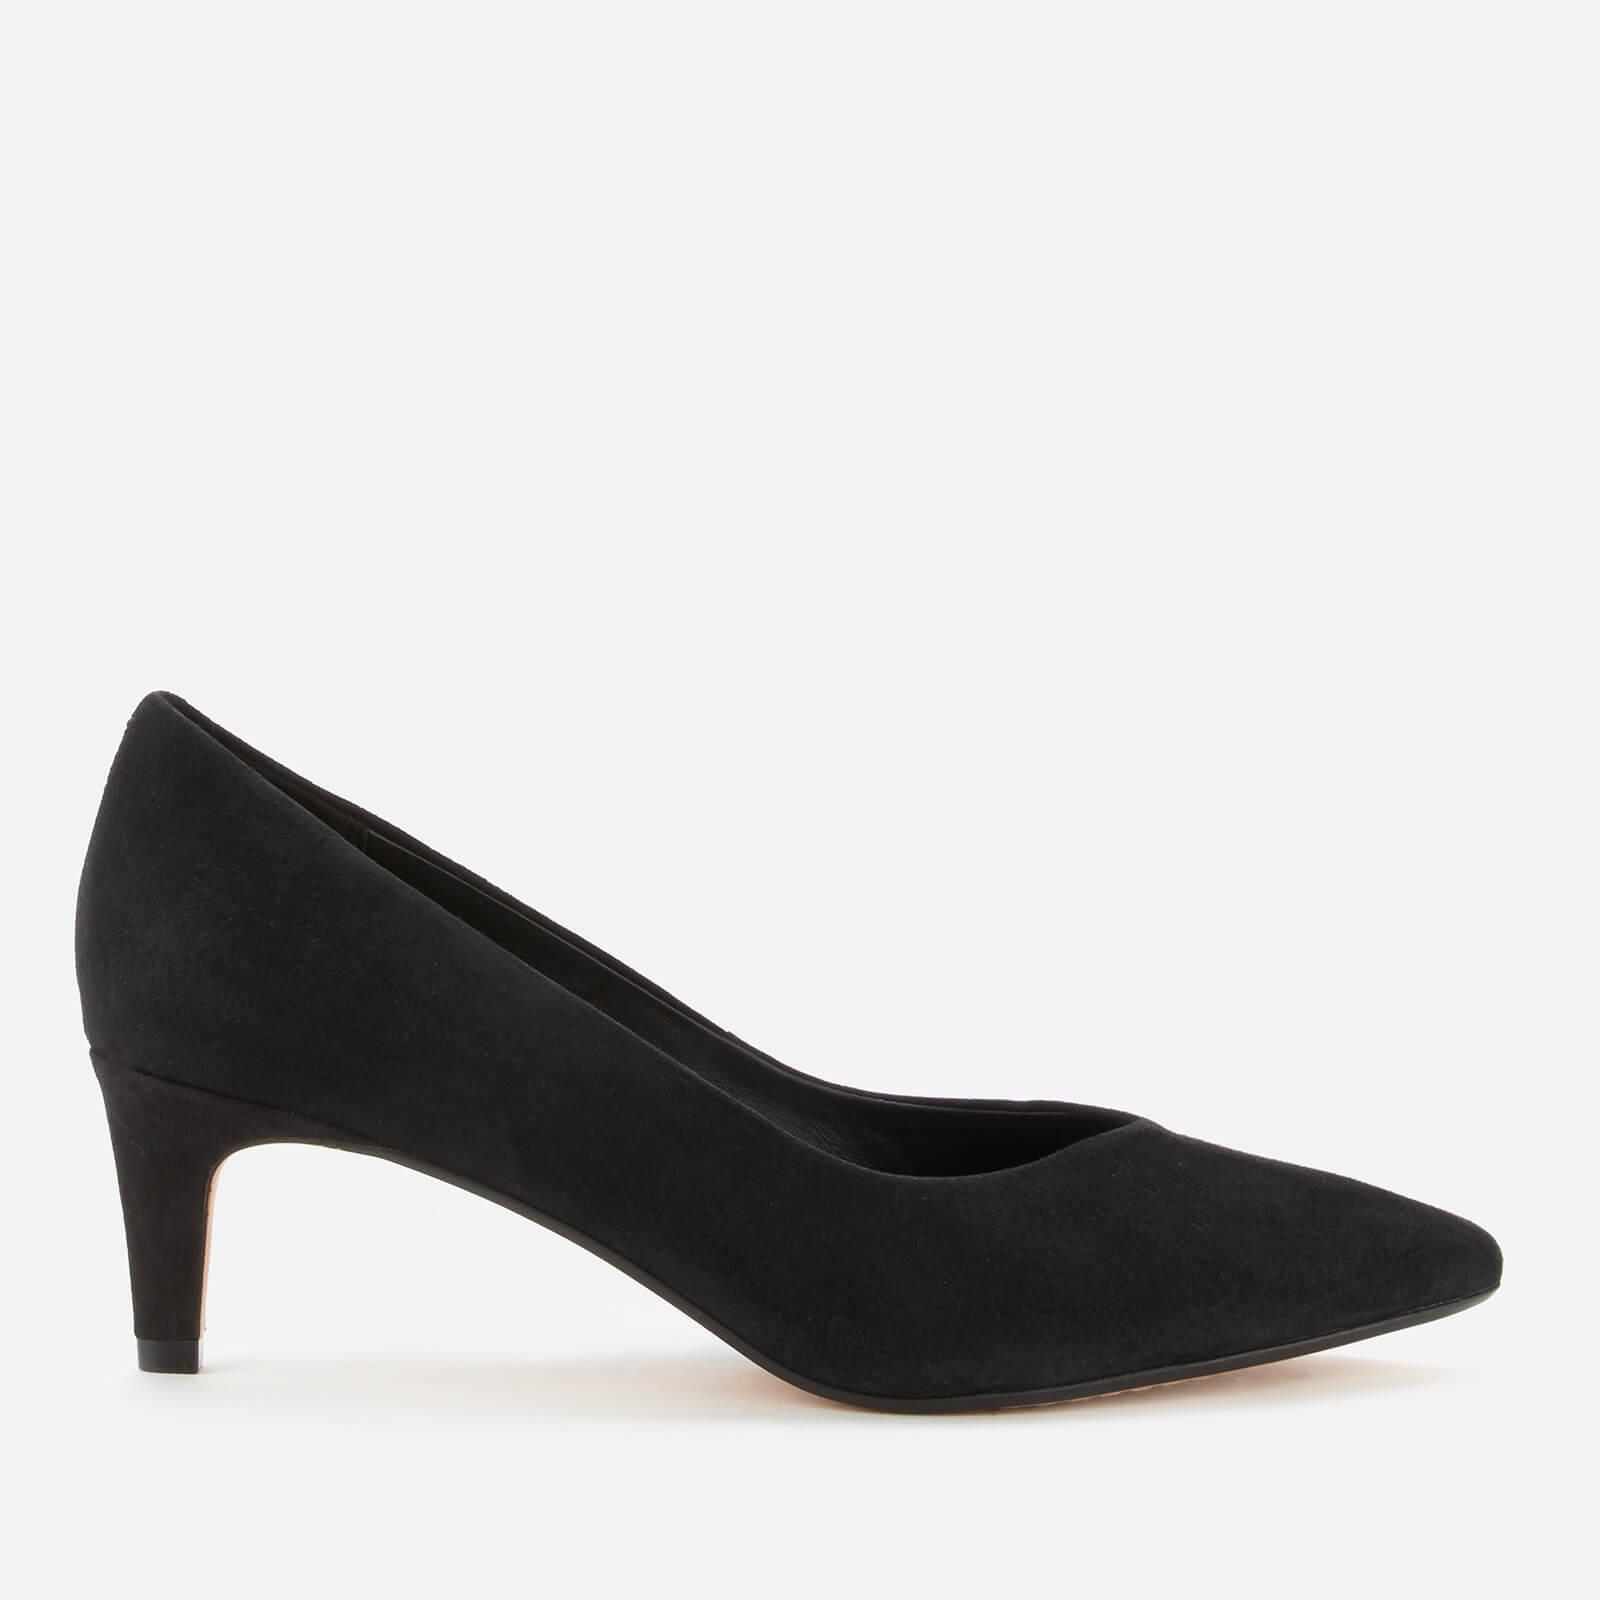 Clarks Women's Laina55 Court2 Suede Court Shoes - Black - Uk 8